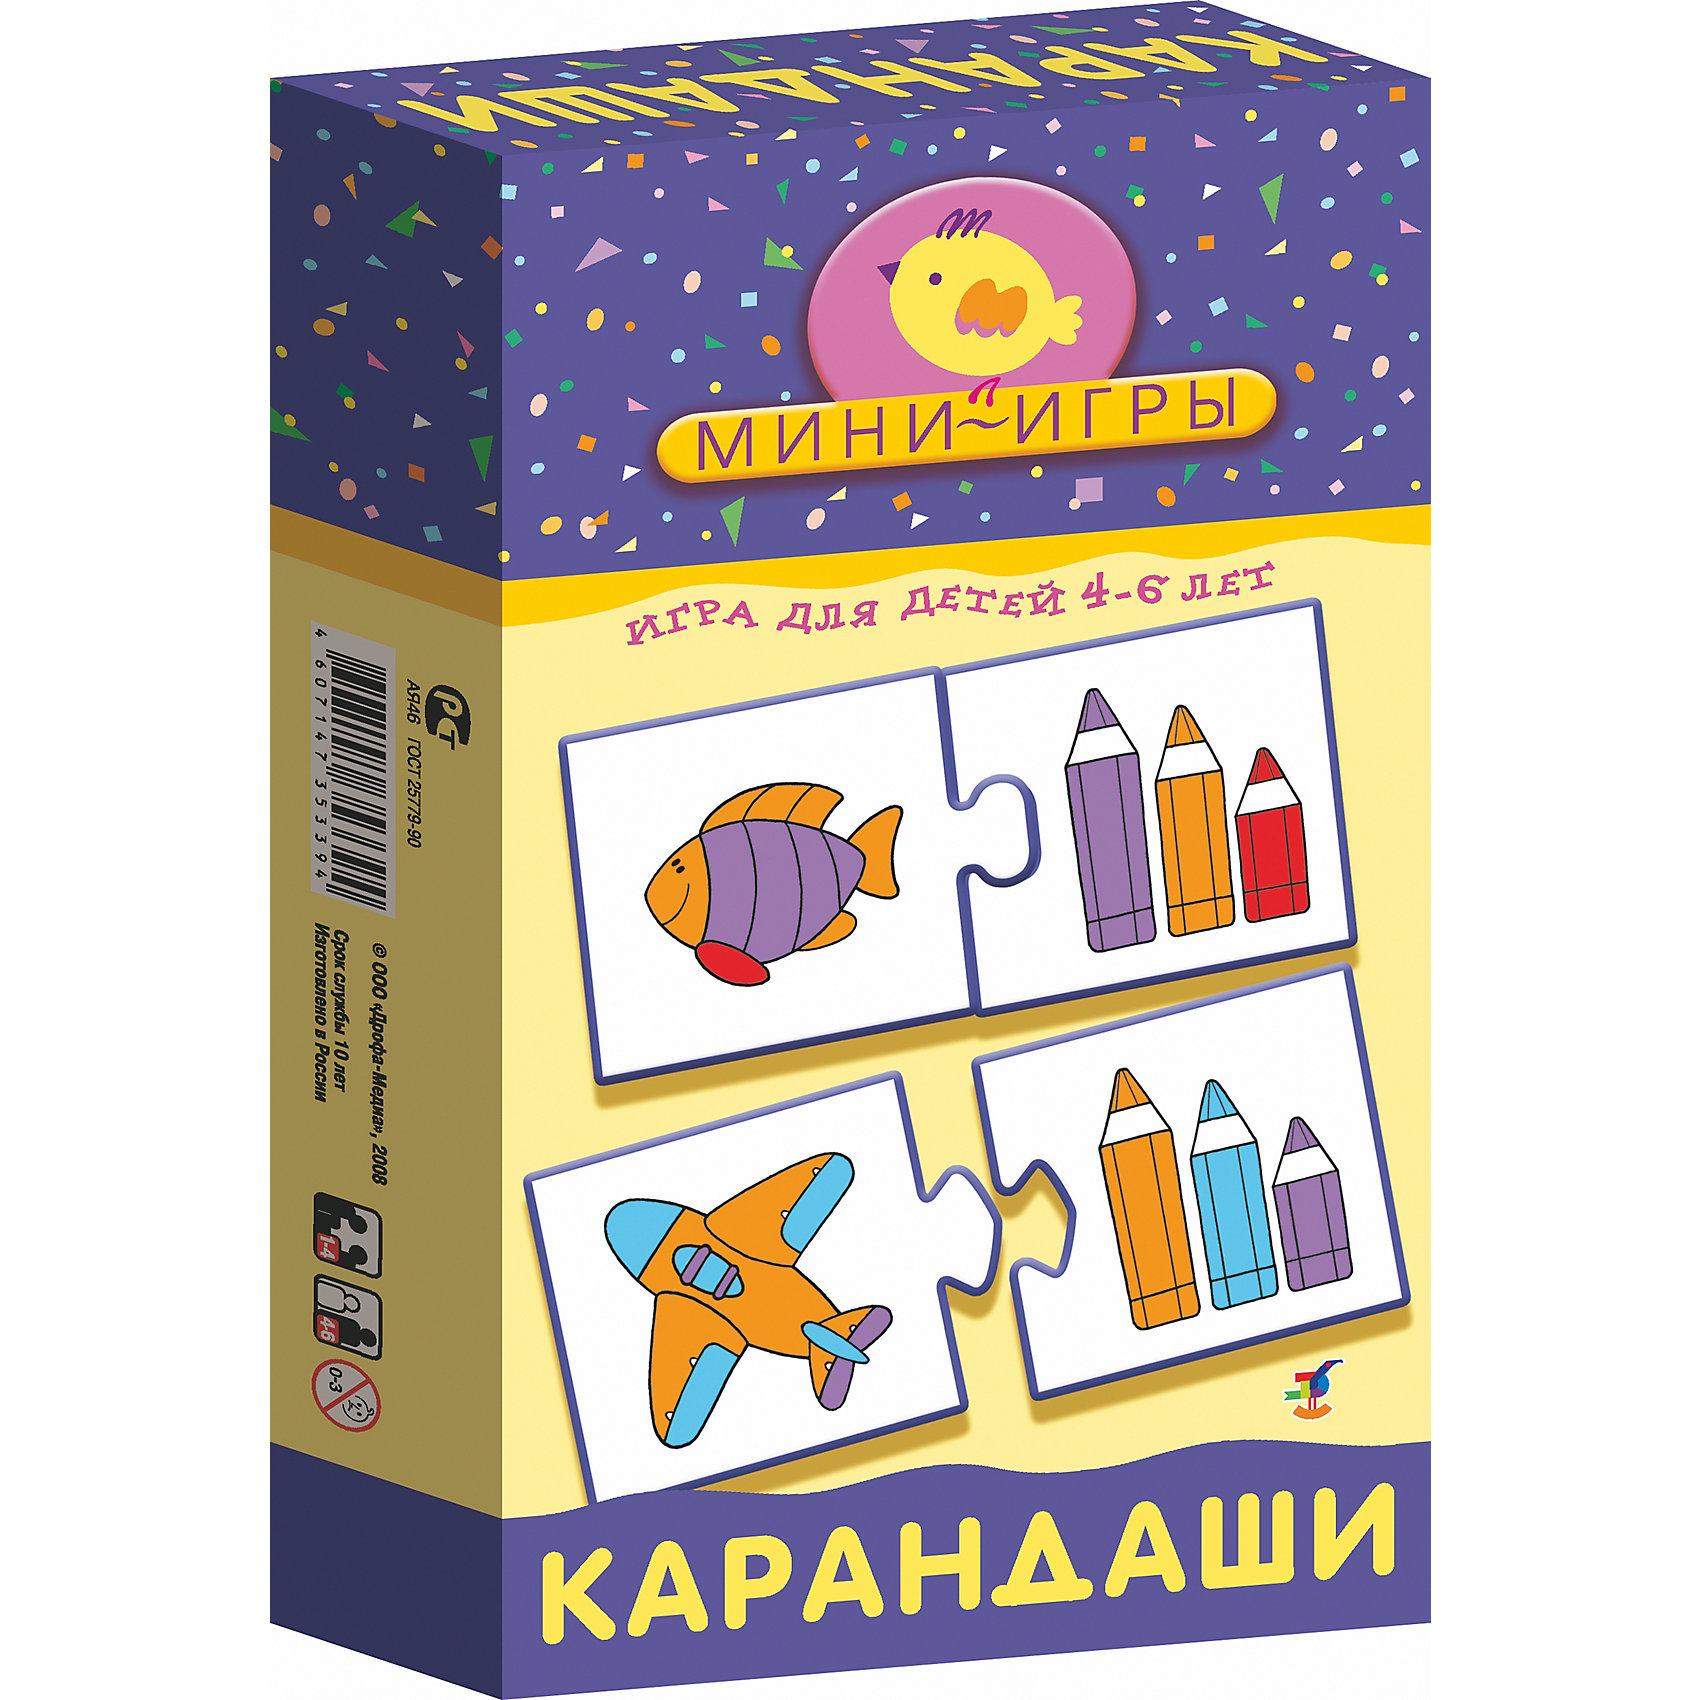 Мини-игра Карандаши, Дрофа-МедиаОкружающий мир<br>Мини-игра Карандаши, Дрофа-Медиа  - красочное игровое пособие, которое поможет Вашему ребенку закрепить знание основных цветов, понятий длиннее - короче, больше - меньше. В комплекте 24 карточки, которые скрепляются между собой по принципу пазла, на одной части - изображение трех карандашей разного цвета и разной длины, на другой - картинки с различными предметами. Подробная инструкция предлагает три игры с этими карточками. В первой игре Парочки малышу надо найти пары карточек: предмет и карандаши, на которых одинаковые цвета представлены в равных пропорциях. В игре Прятки надо как можно быстрее найти парные карточки: любой предмет и карандаши. А в игре Кто самый внимательный надо найти пары к своим карточкам с предметами. В игре могут участвовать 1-4 игрока. Для детей 4-6 лет. Игра способствует развитию речи, внимания, памяти и мышления.<br><br>Дополнительная информация:<br><br>- Серия: Мини-игры.<br>- В комплекте: 24 карточки, инструкция.<br>- Материал: бумага. картон.<br>- Размер упаковки: 20 x 12 x 3,5 см.<br>- Вес: 174 гр.<br><br>Мини-игру Карандаши, Дрофа-Медиа, можно купить в нашем интернет-магазине.<br><br>Ширина мм: 120<br>Глубина мм: 200<br>Высота мм: 35<br>Вес г: 700<br>Возраст от месяцев: 48<br>Возраст до месяцев: 96<br>Пол: Унисекс<br>Возраст: Детский<br>SKU: 4533295